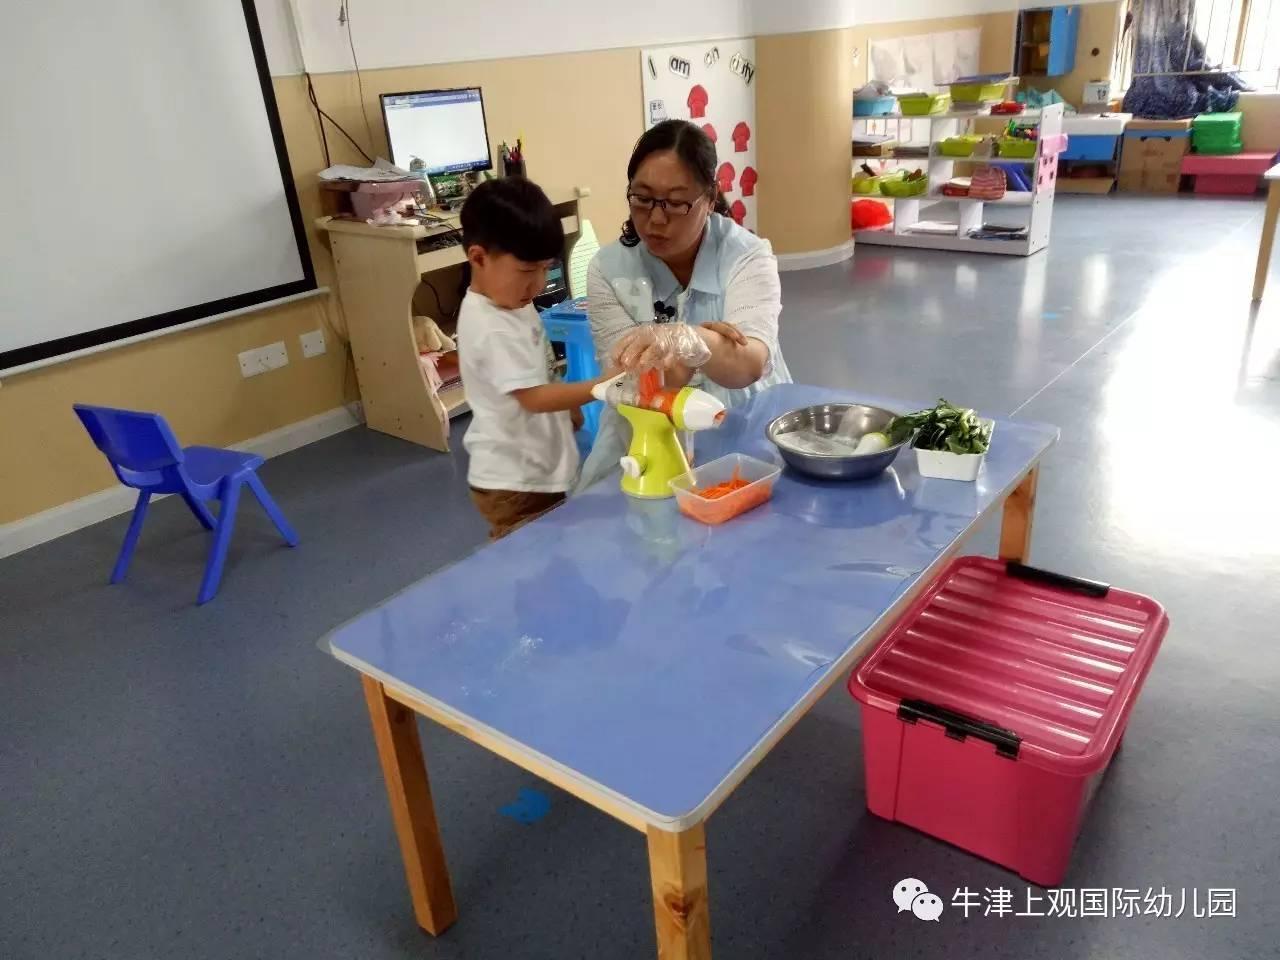 kitchen magician china pack 上观国际幼儿园 厨房里的小 魔术师 我们都是能干的厨房小小魔术师